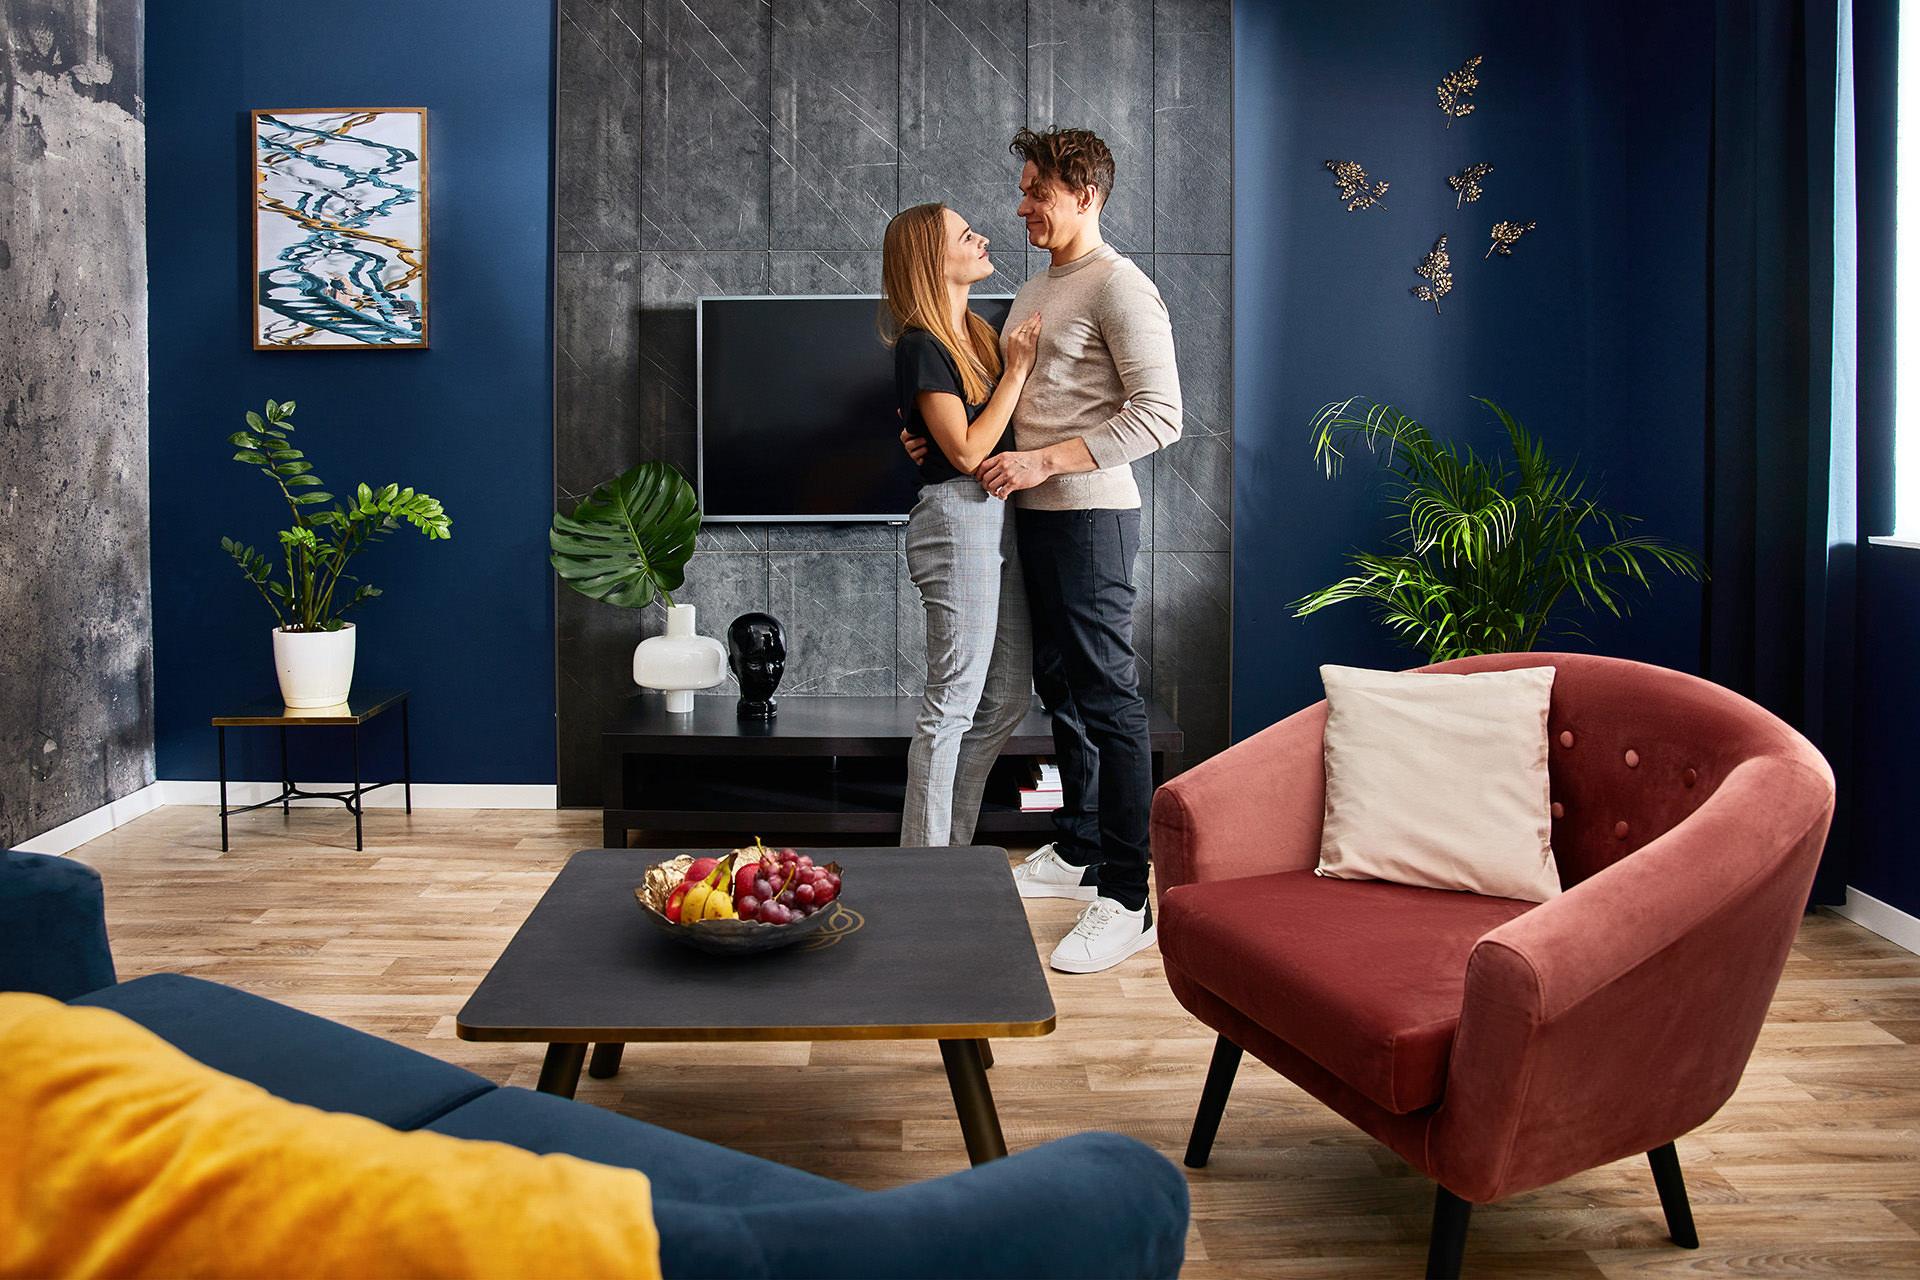 Produkcja fotografii reklamowej dla Walldesign, Swiss Krono - Mateusz Drozd